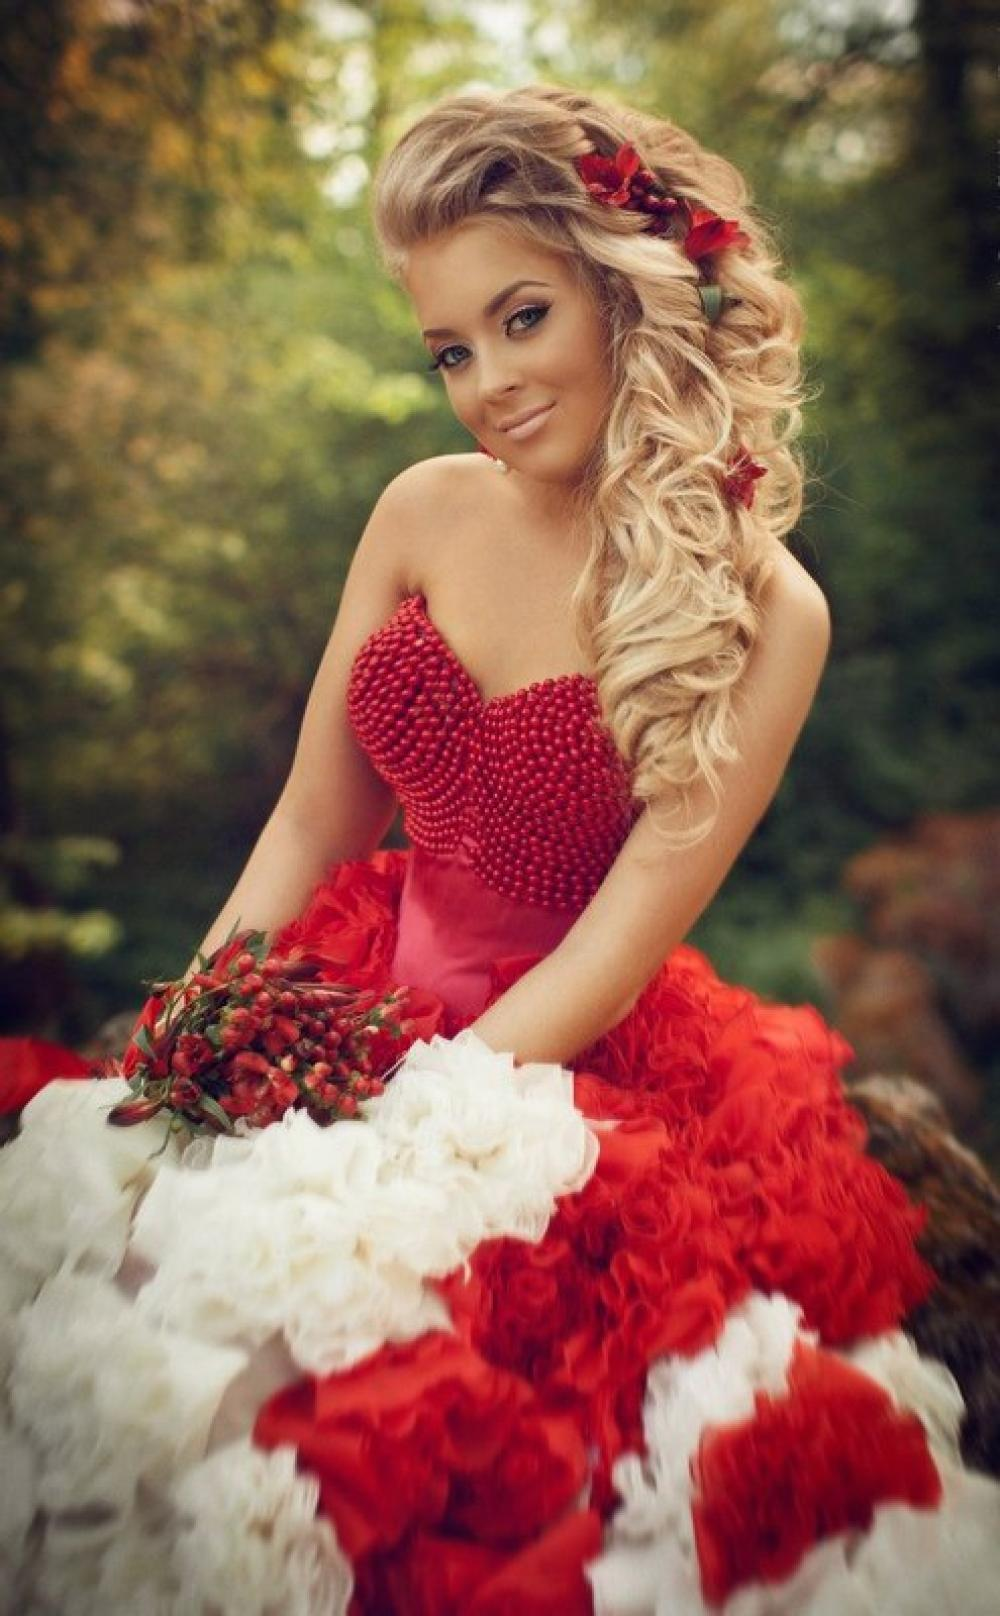 Красное платье и мейкап на свадебную церемонию